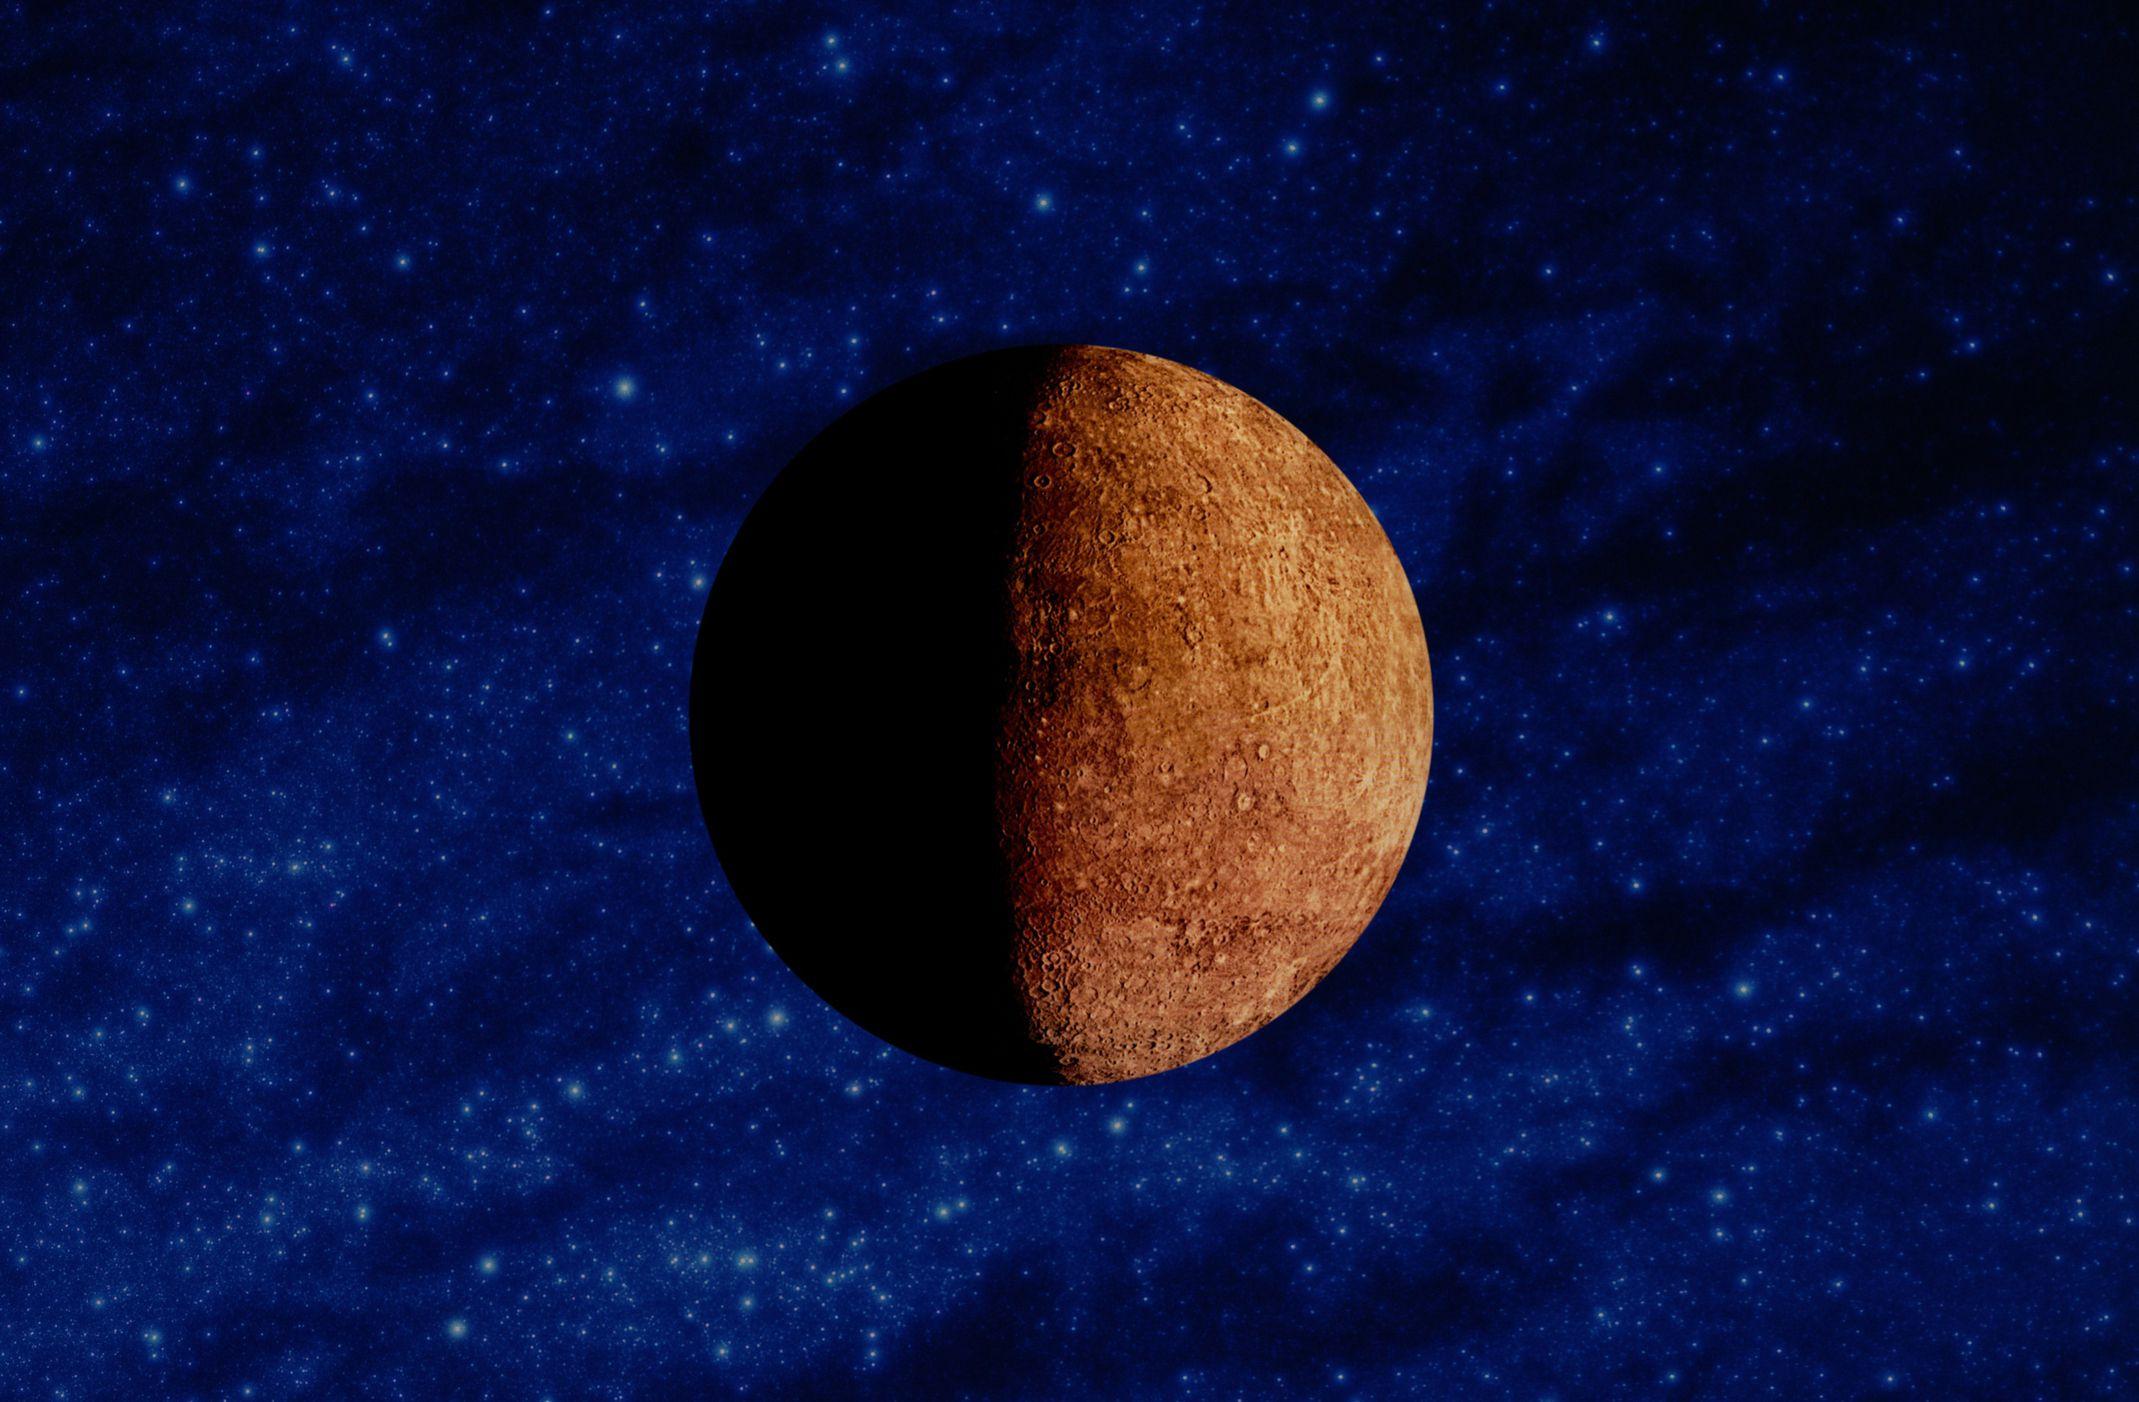 смотреть фото планета меркурий привычного комфорта могут